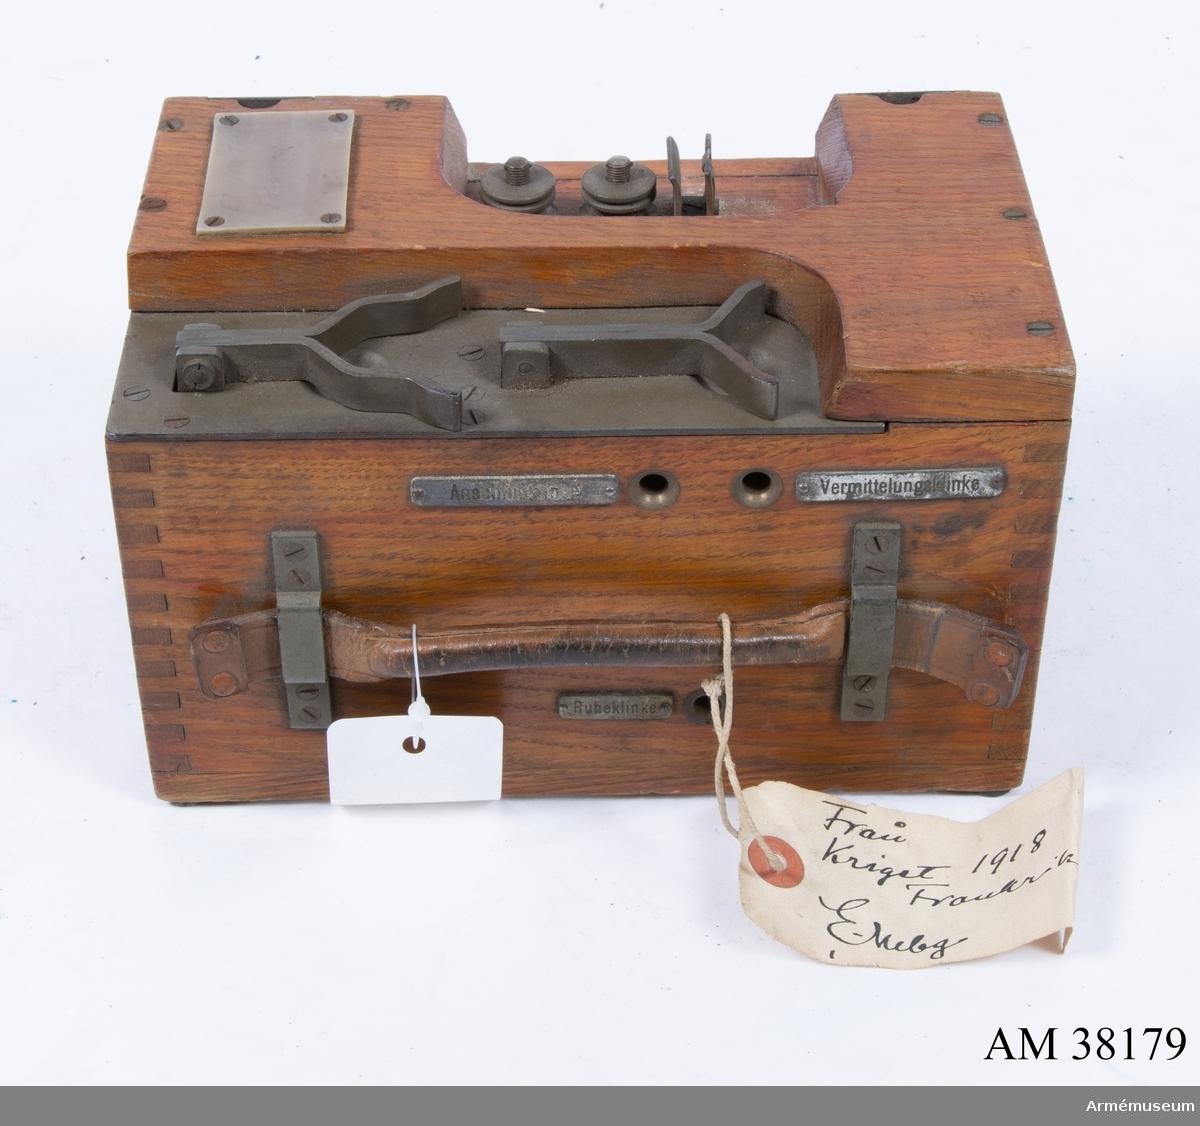 Grupp H I. Detaljer till telefonapparat 1914-18, Tyskland.